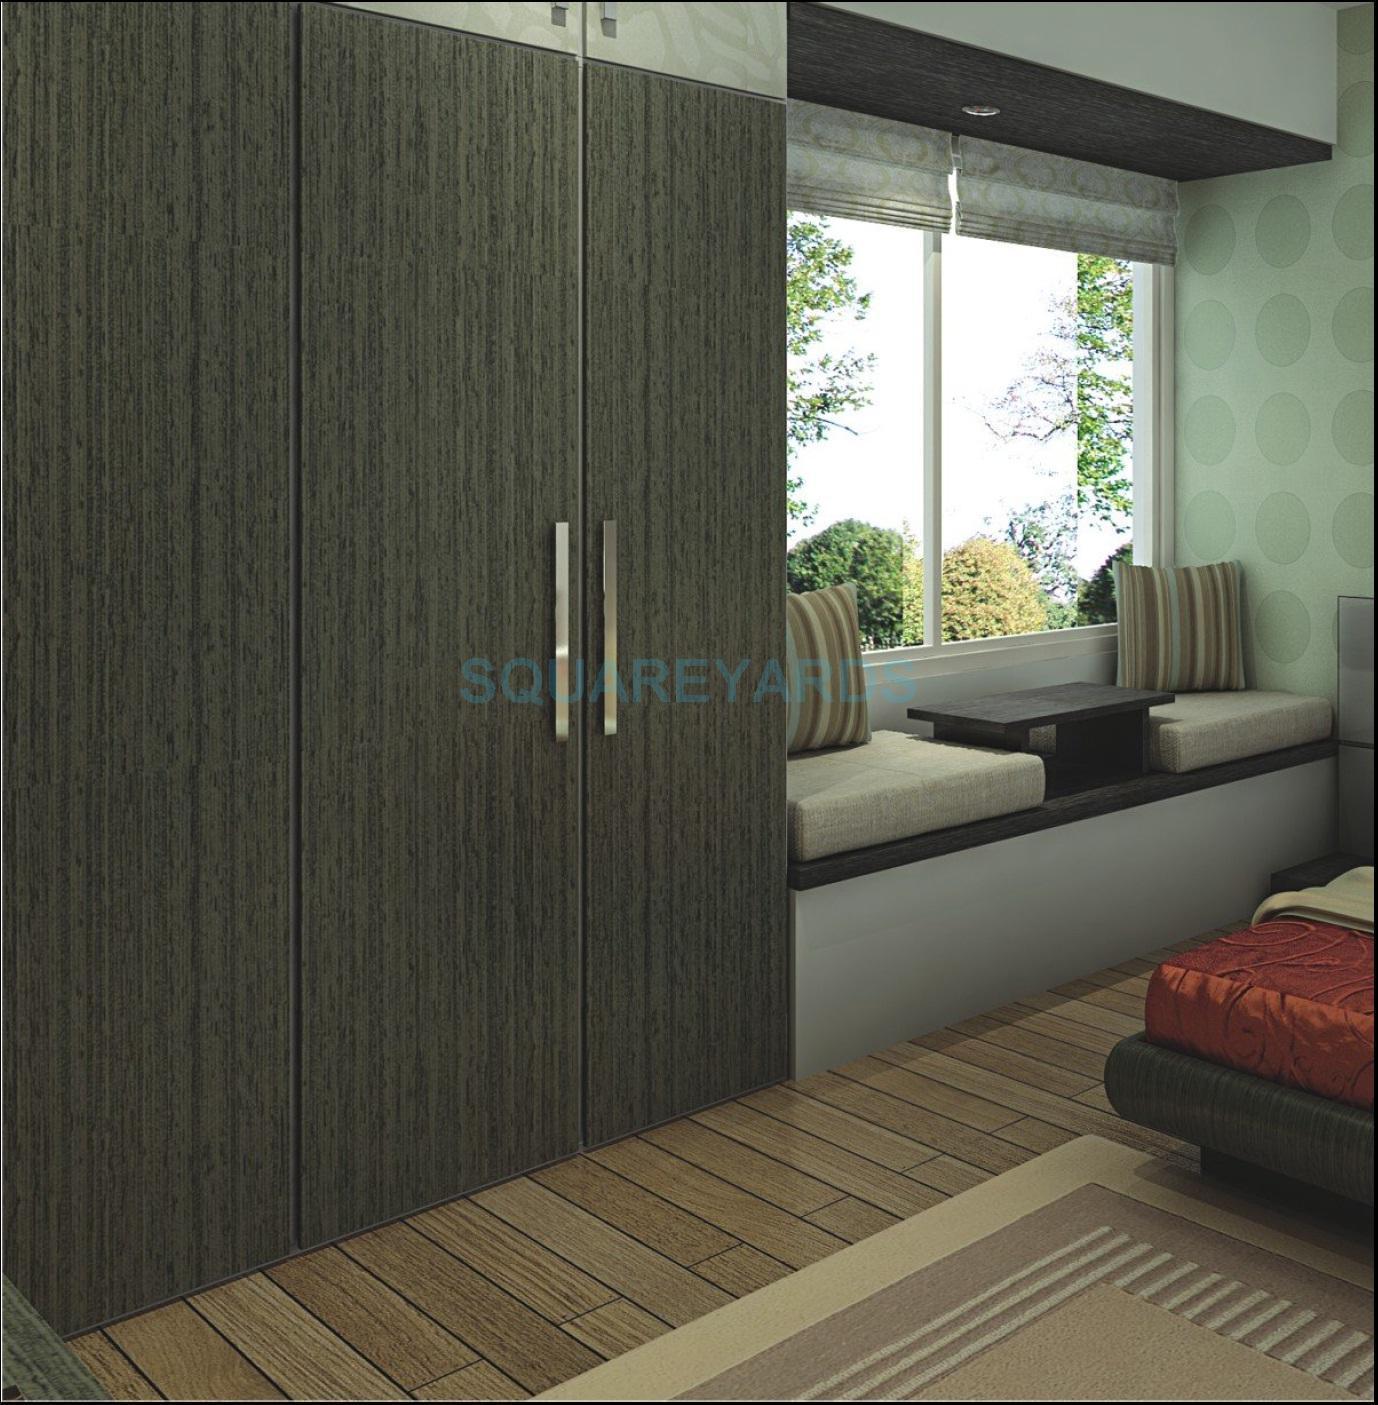 3c lotus boulevard apartment interiors2